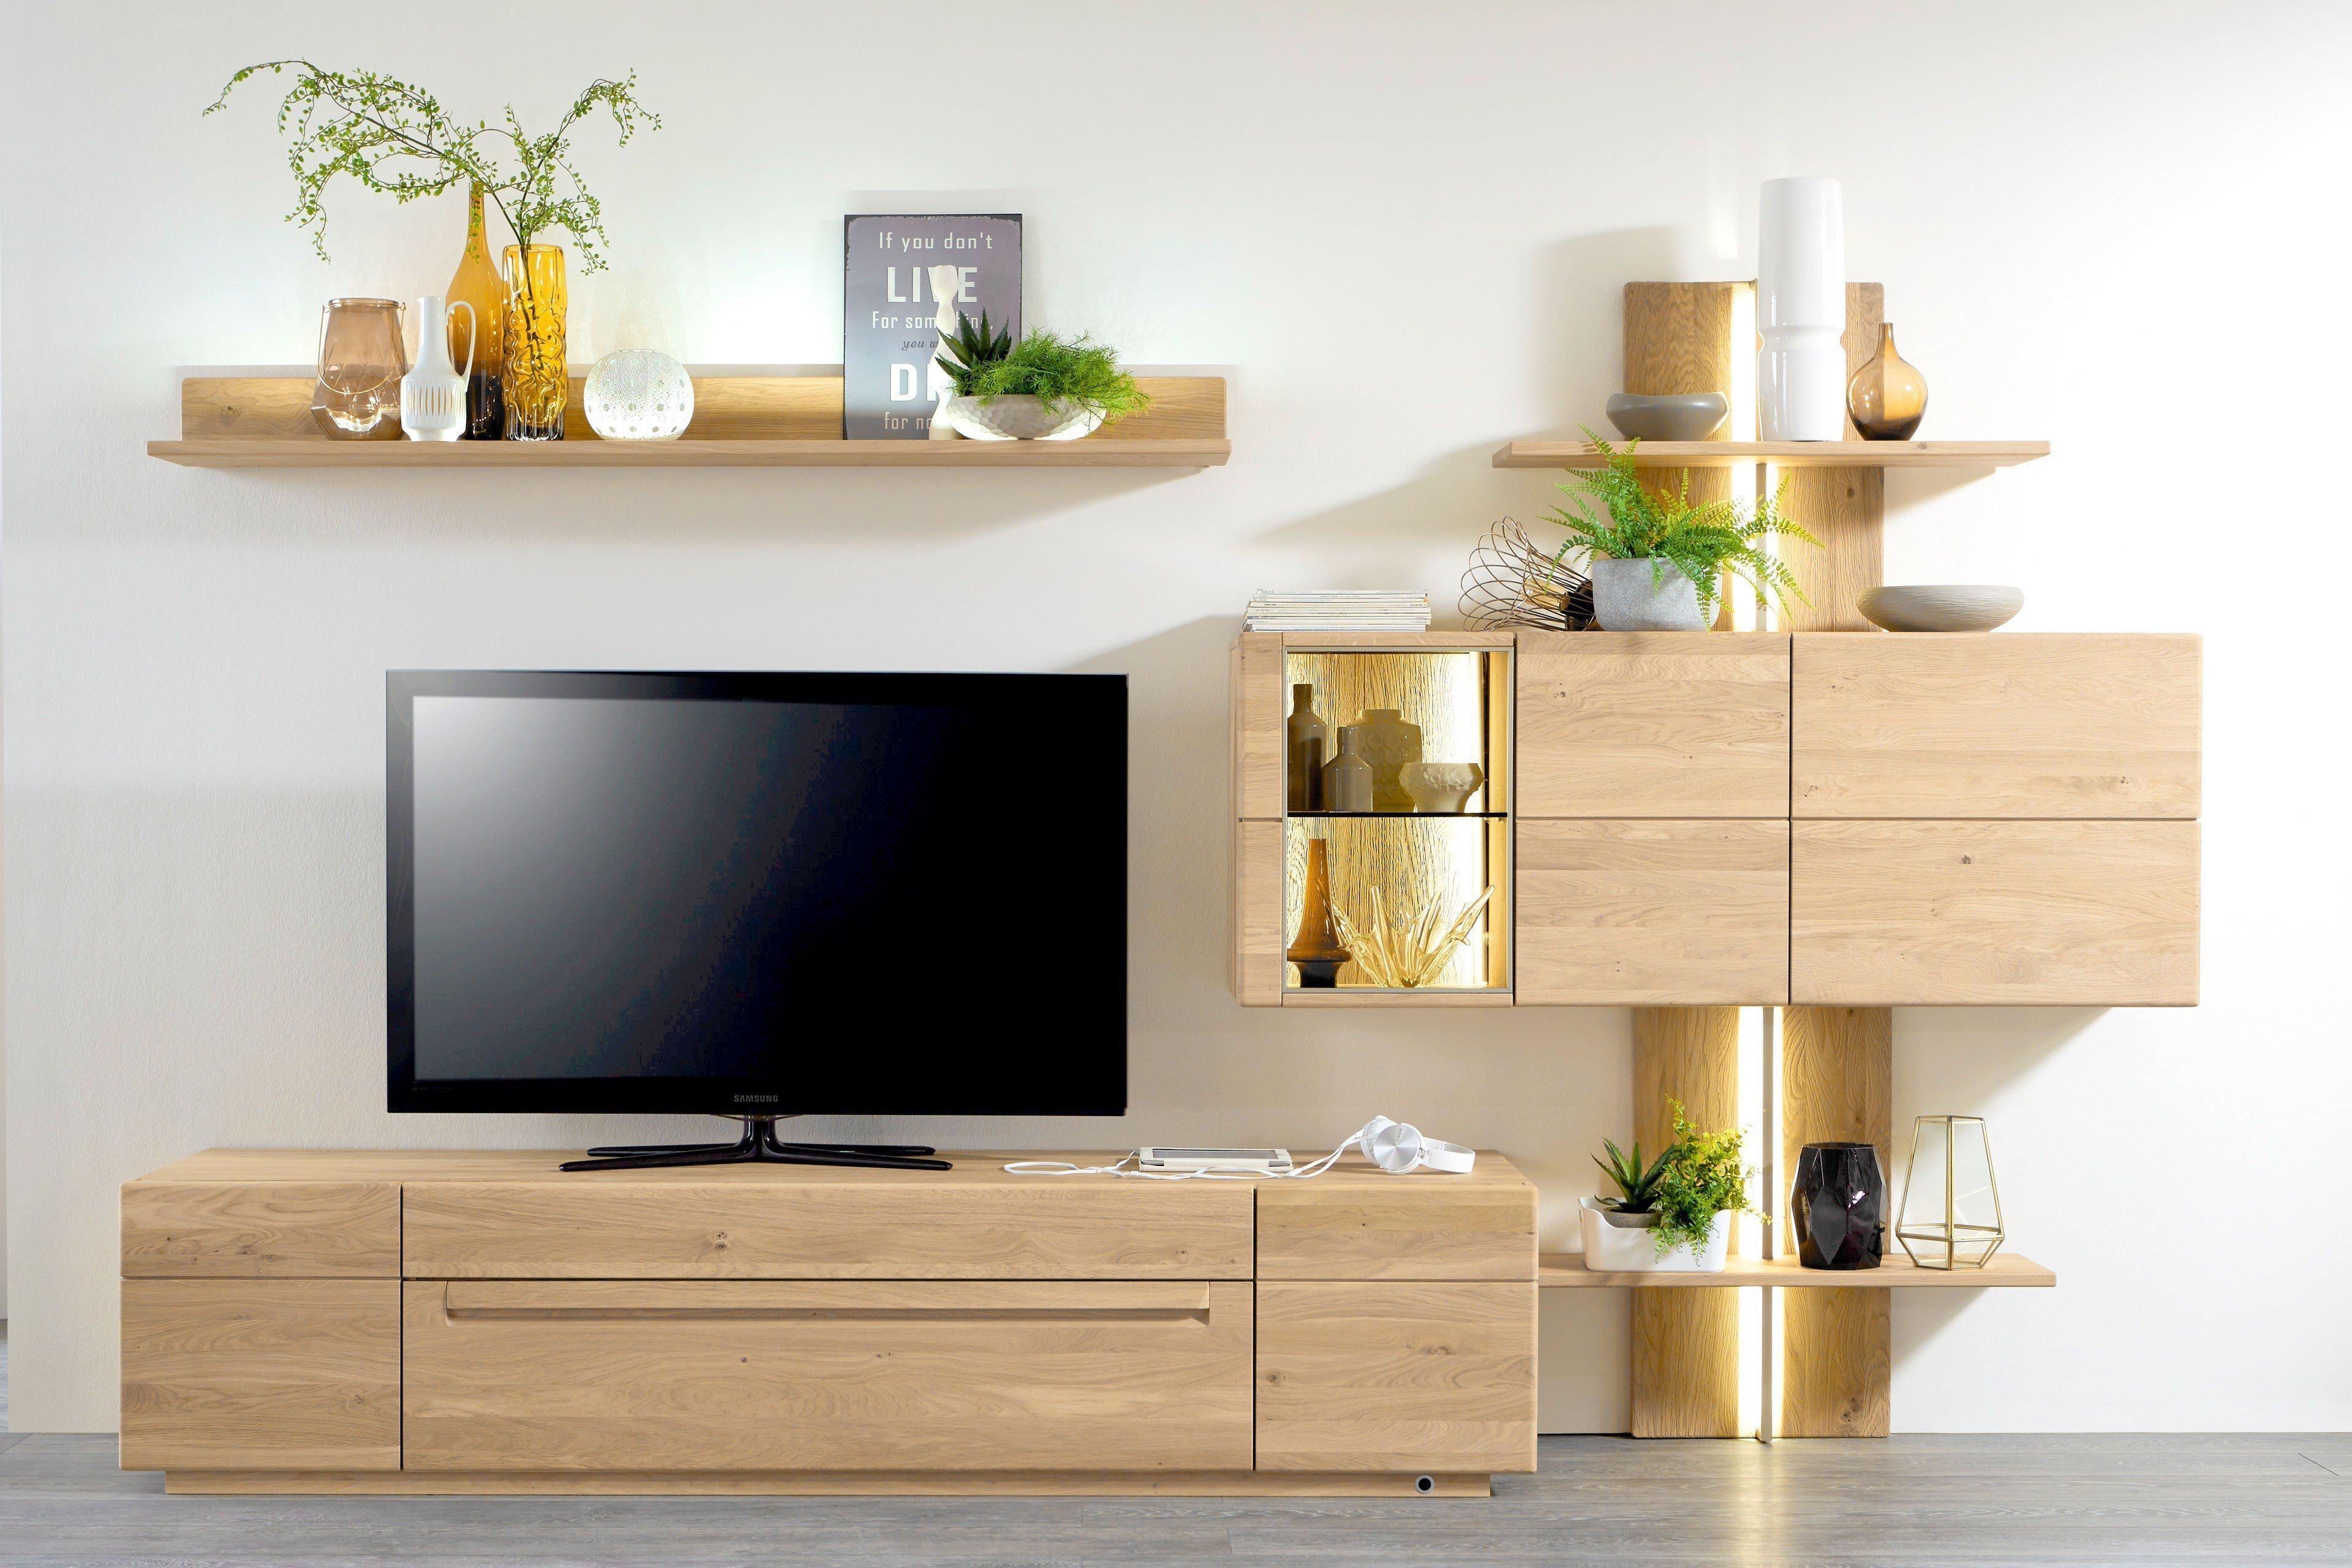 Wöstmann Couchtisch Sineo 9505 | Möbel Letz - Ihr Online-Shop